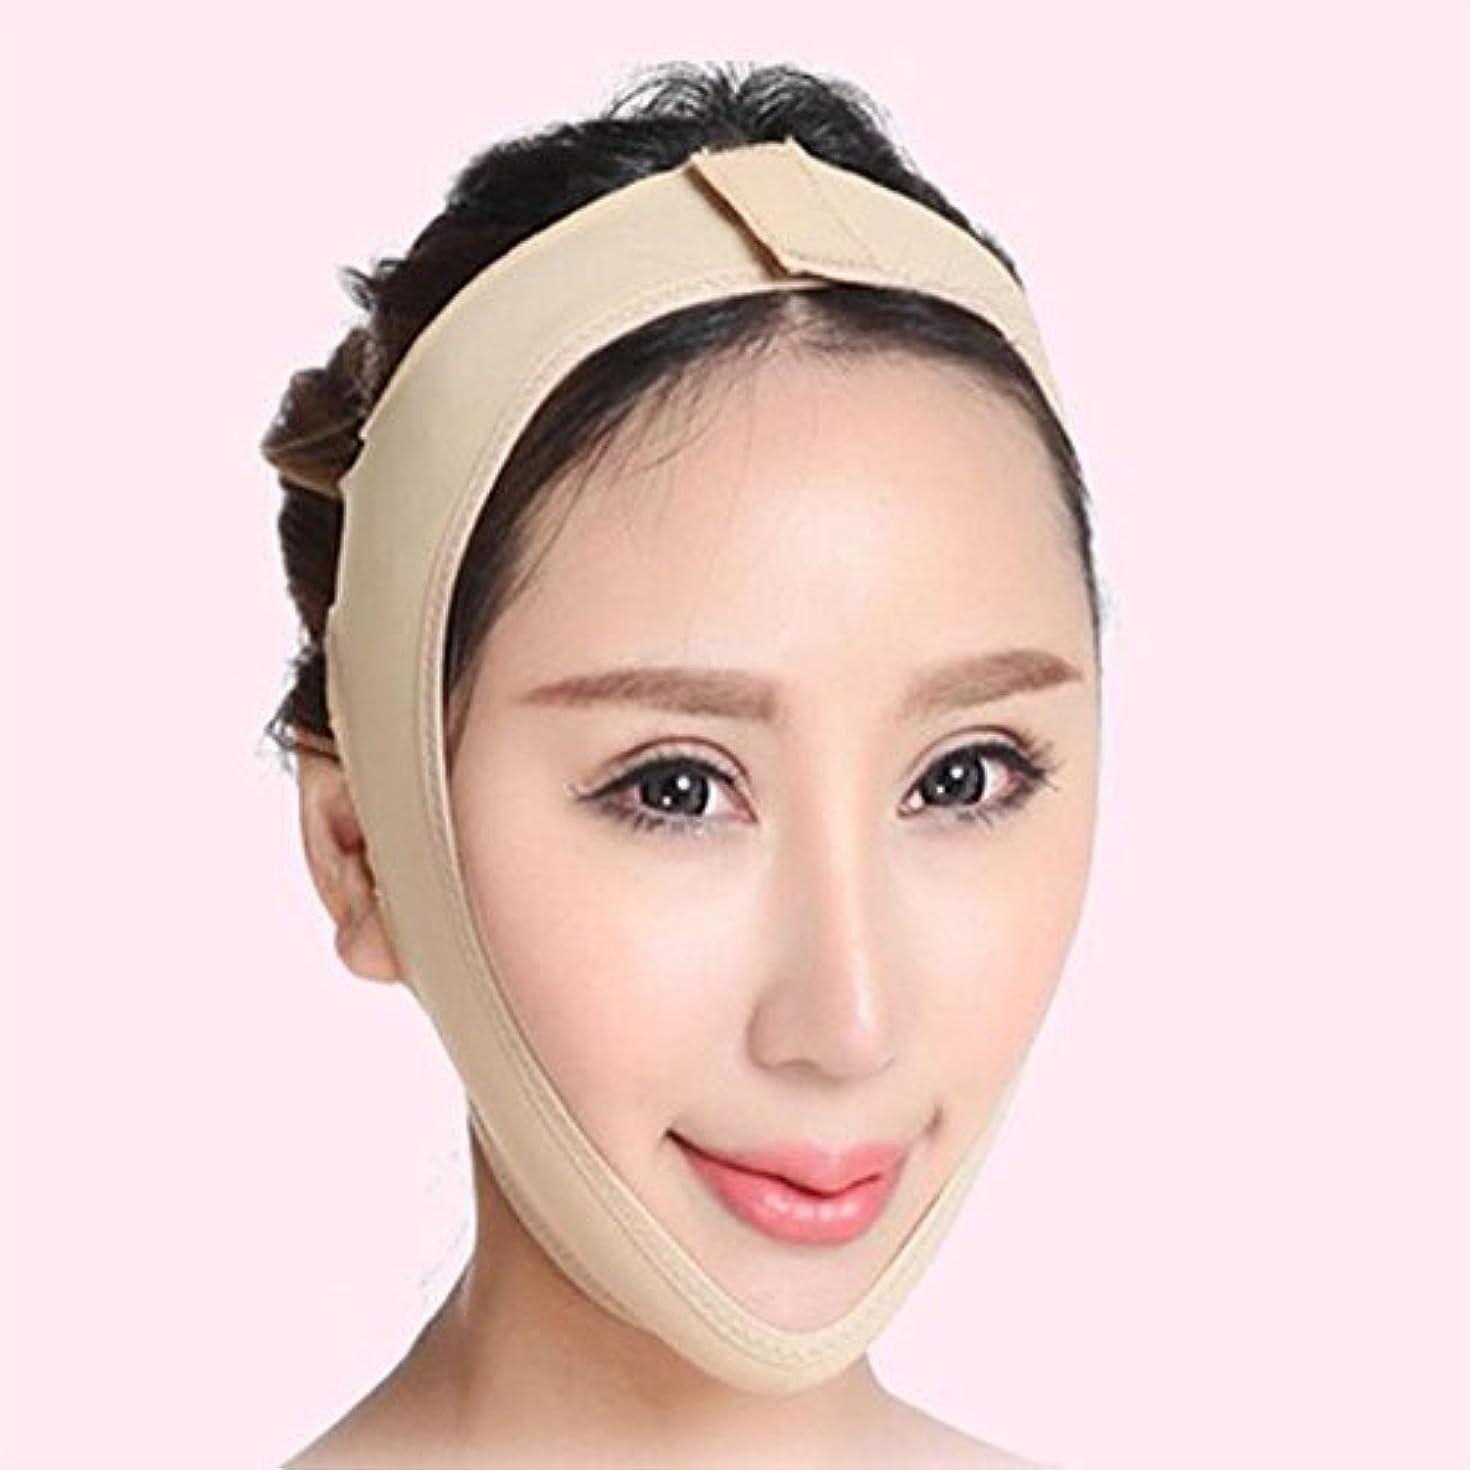 マイルド予報ヒロインSD 小顔 小顔マスク リフトアップ マスク フェイスライン 矯正 あご シャープ メンズ レディース Lサイズ AZD15003-L